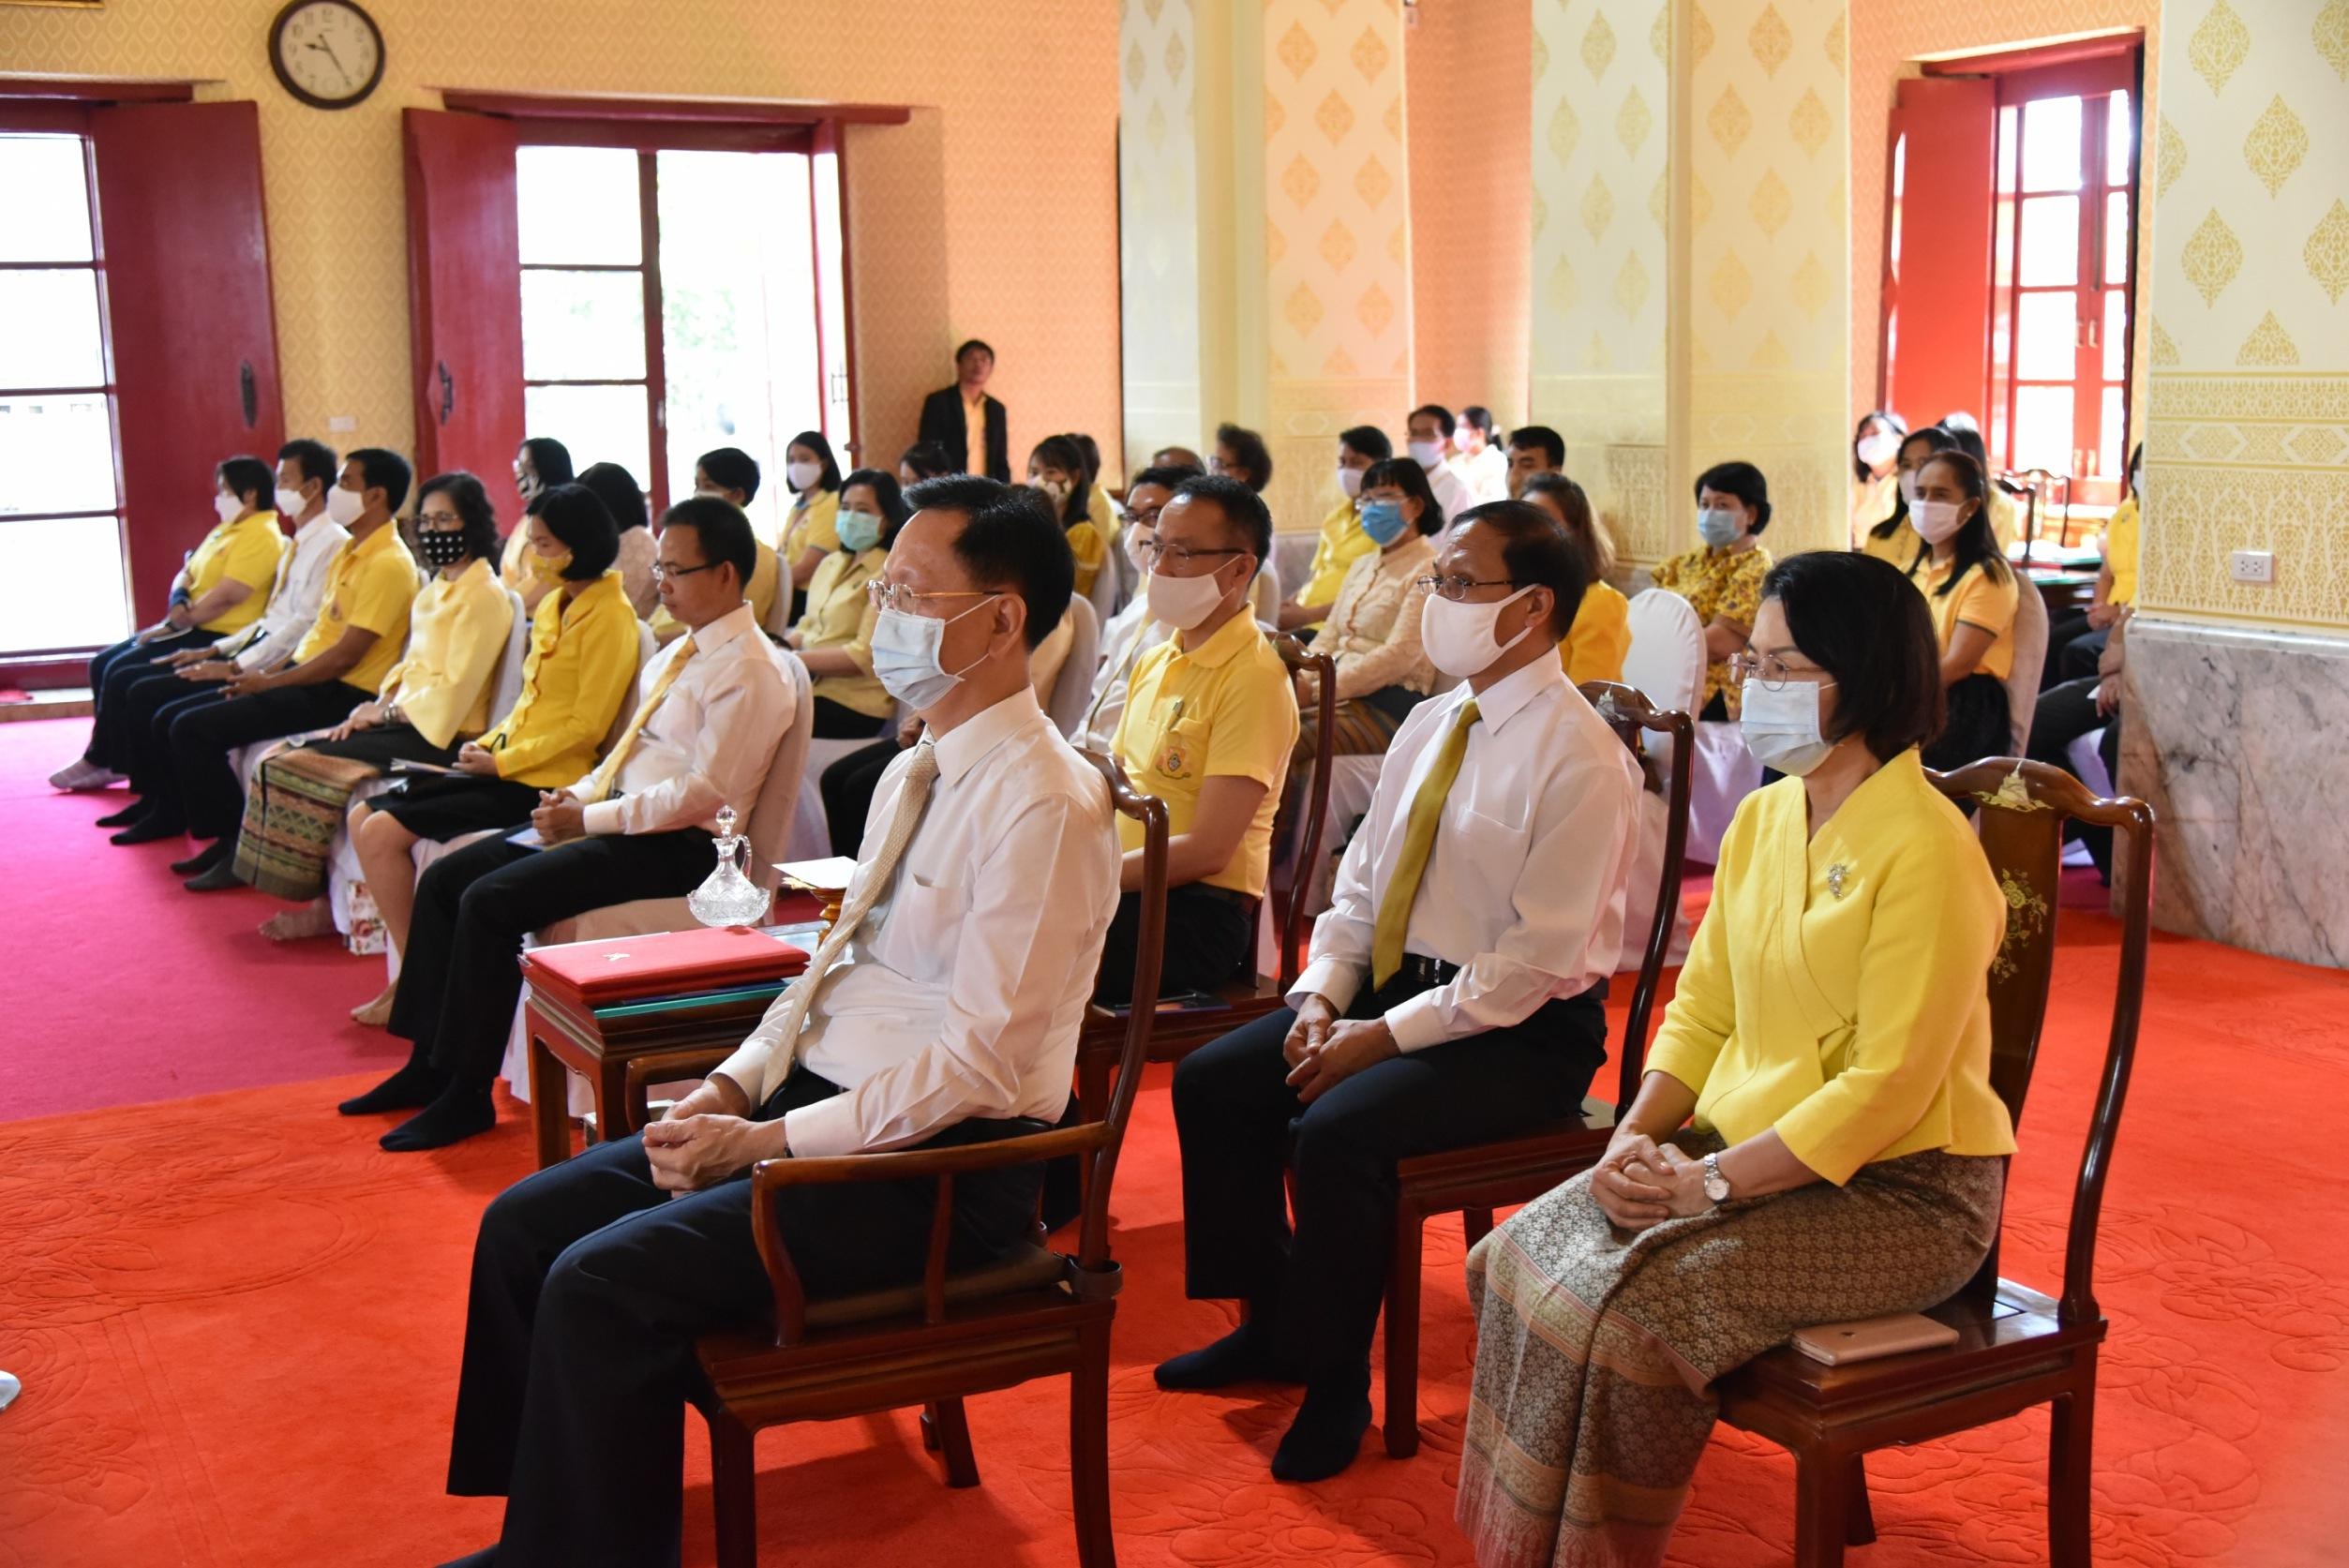 อธิบดีกรมการจัดหางาน  เปิดโครงการส่งเสริมคุณธรรม  และจริยธรรม กรมการจัดหางาน  ประจำปีงบประมาณ พ.ศ.2563